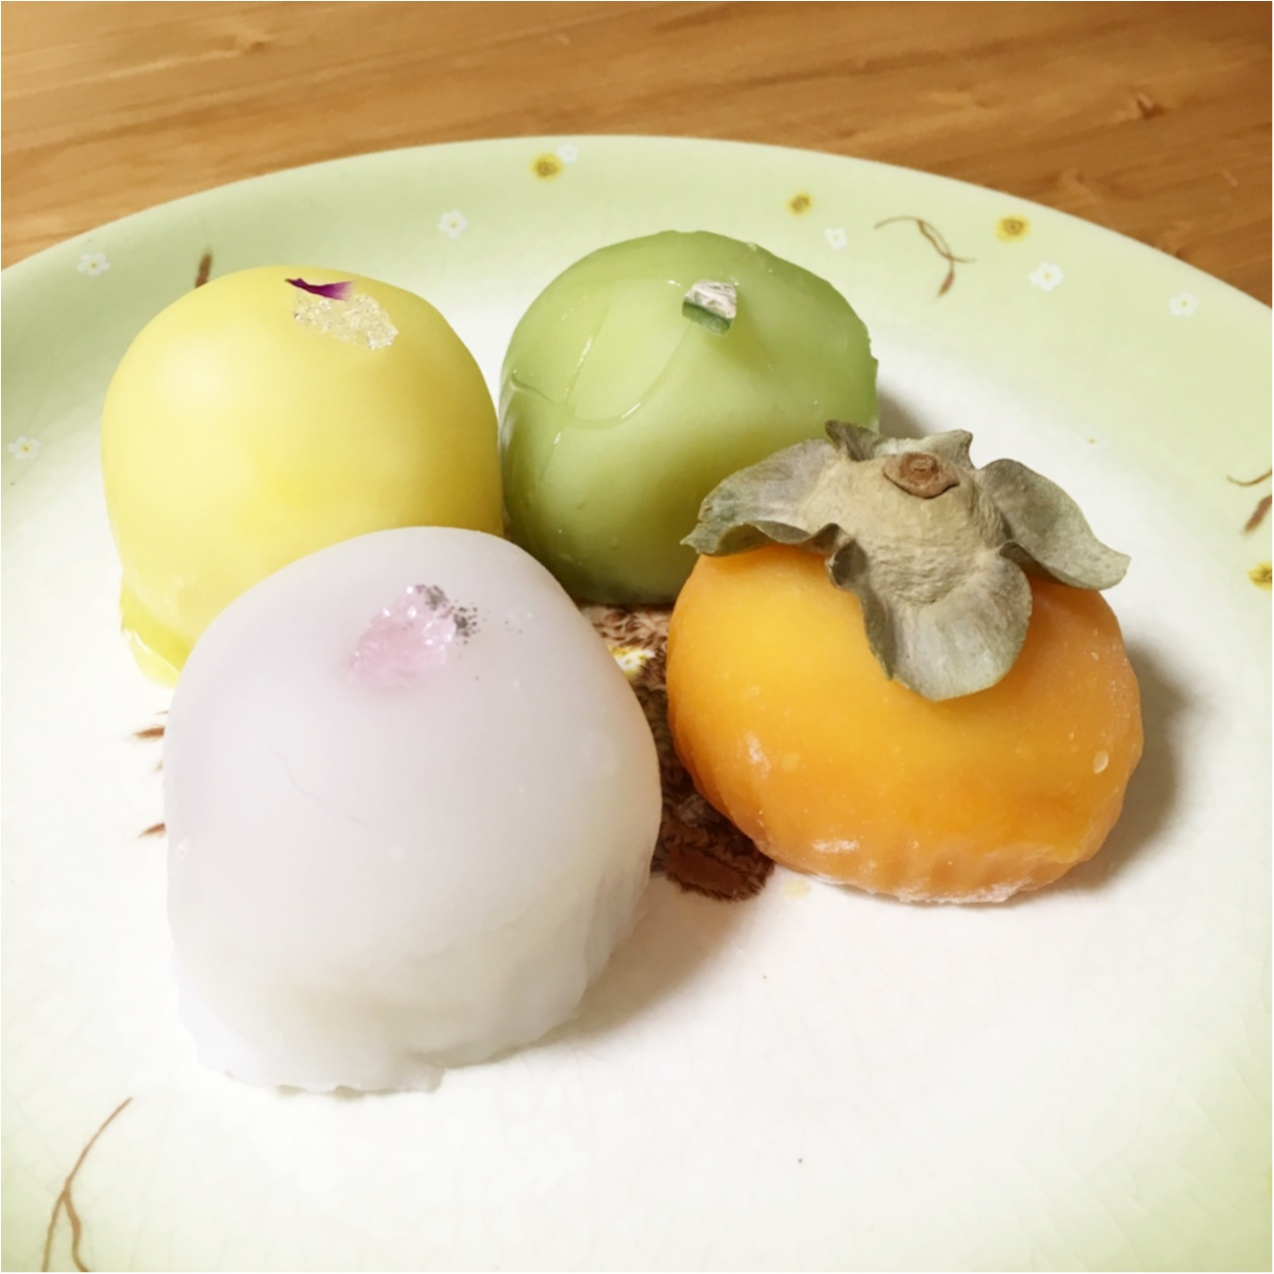 完熟フルーツを使った 《 松竹堂のフルーツ大福 》が美味しい ♡_2